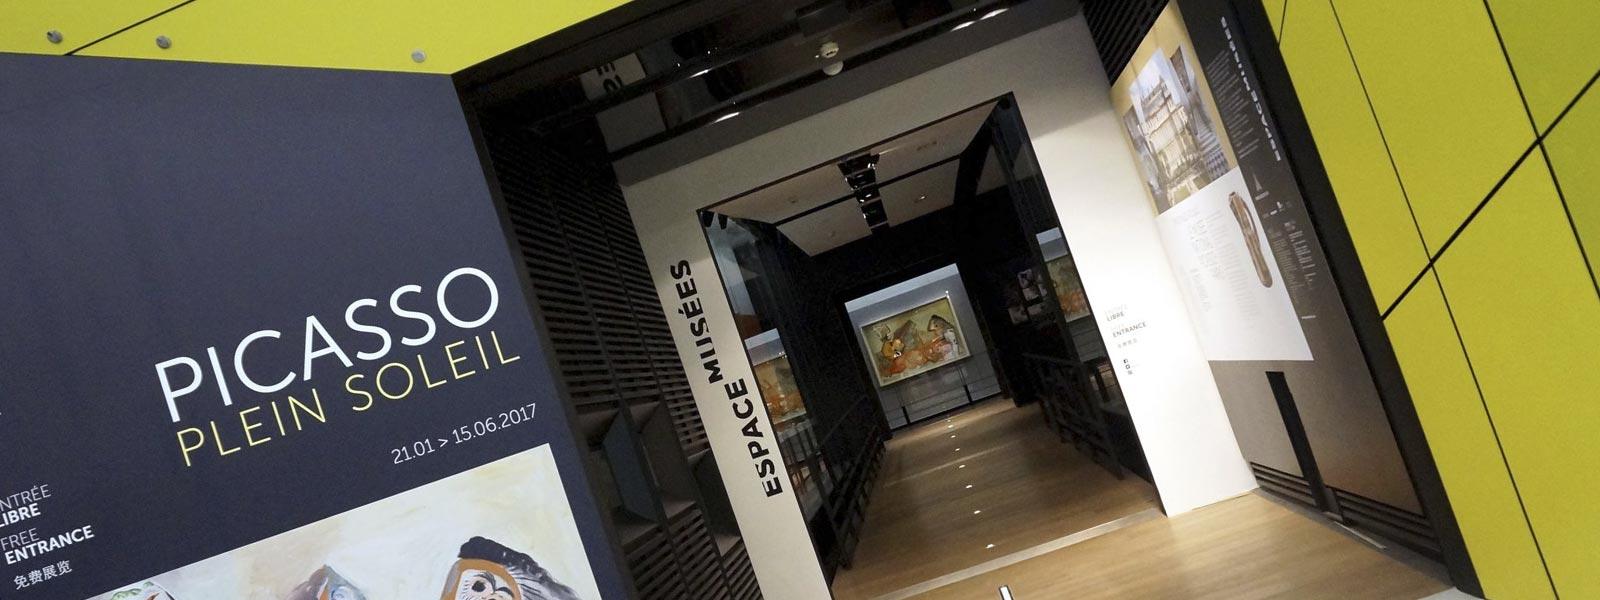 Picasso à l'aéroport de Roissy, une muséographie réalisée par PUBLIMARK